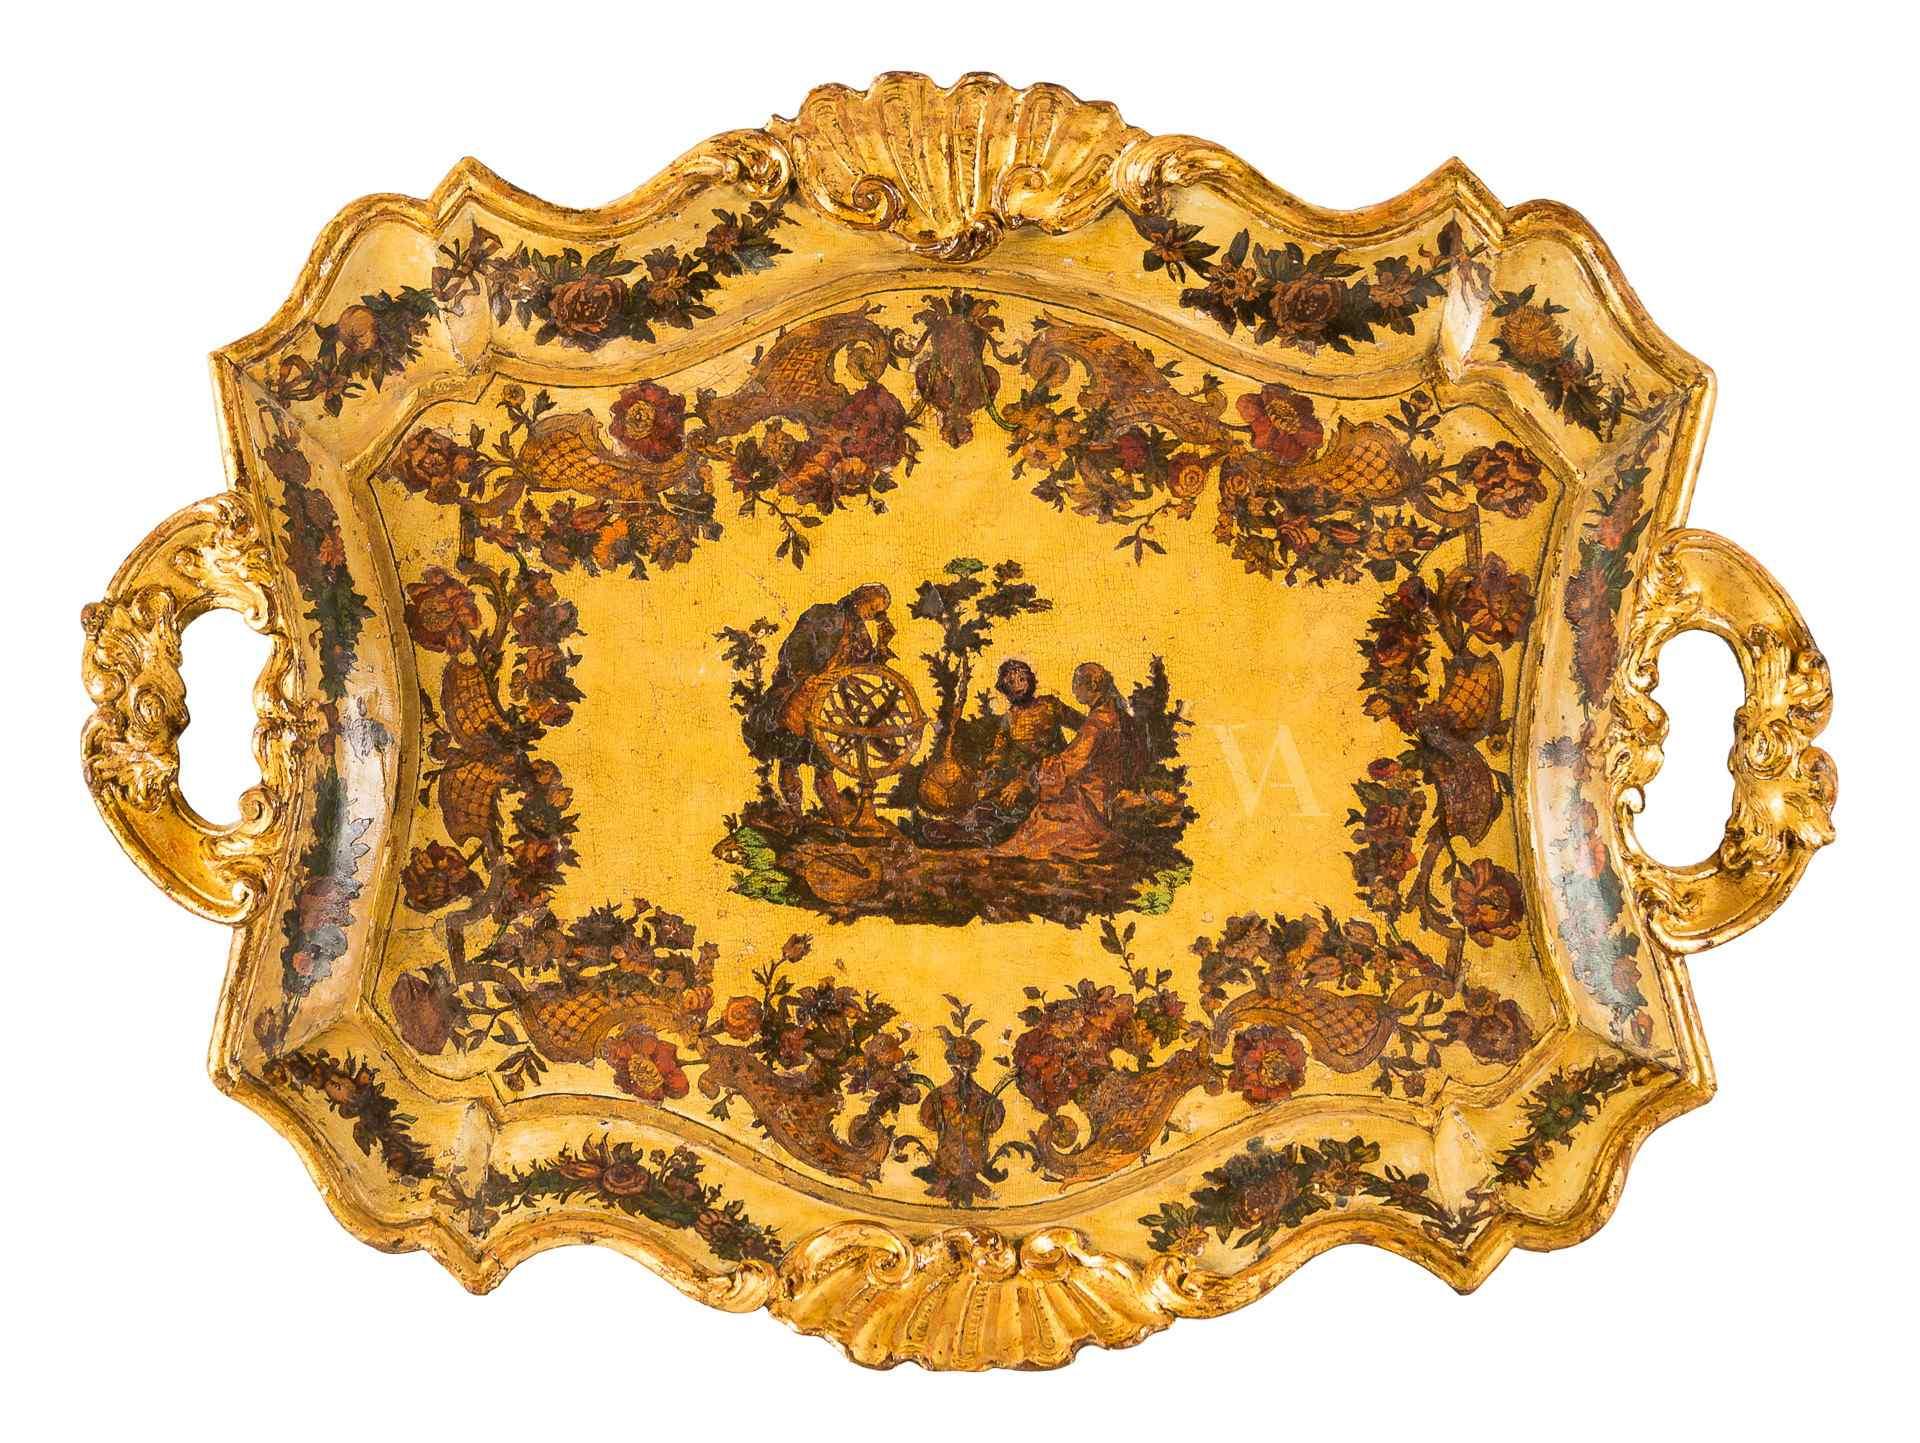 Plateau en forme et laqué avec Arte Povera. Venise XVIII